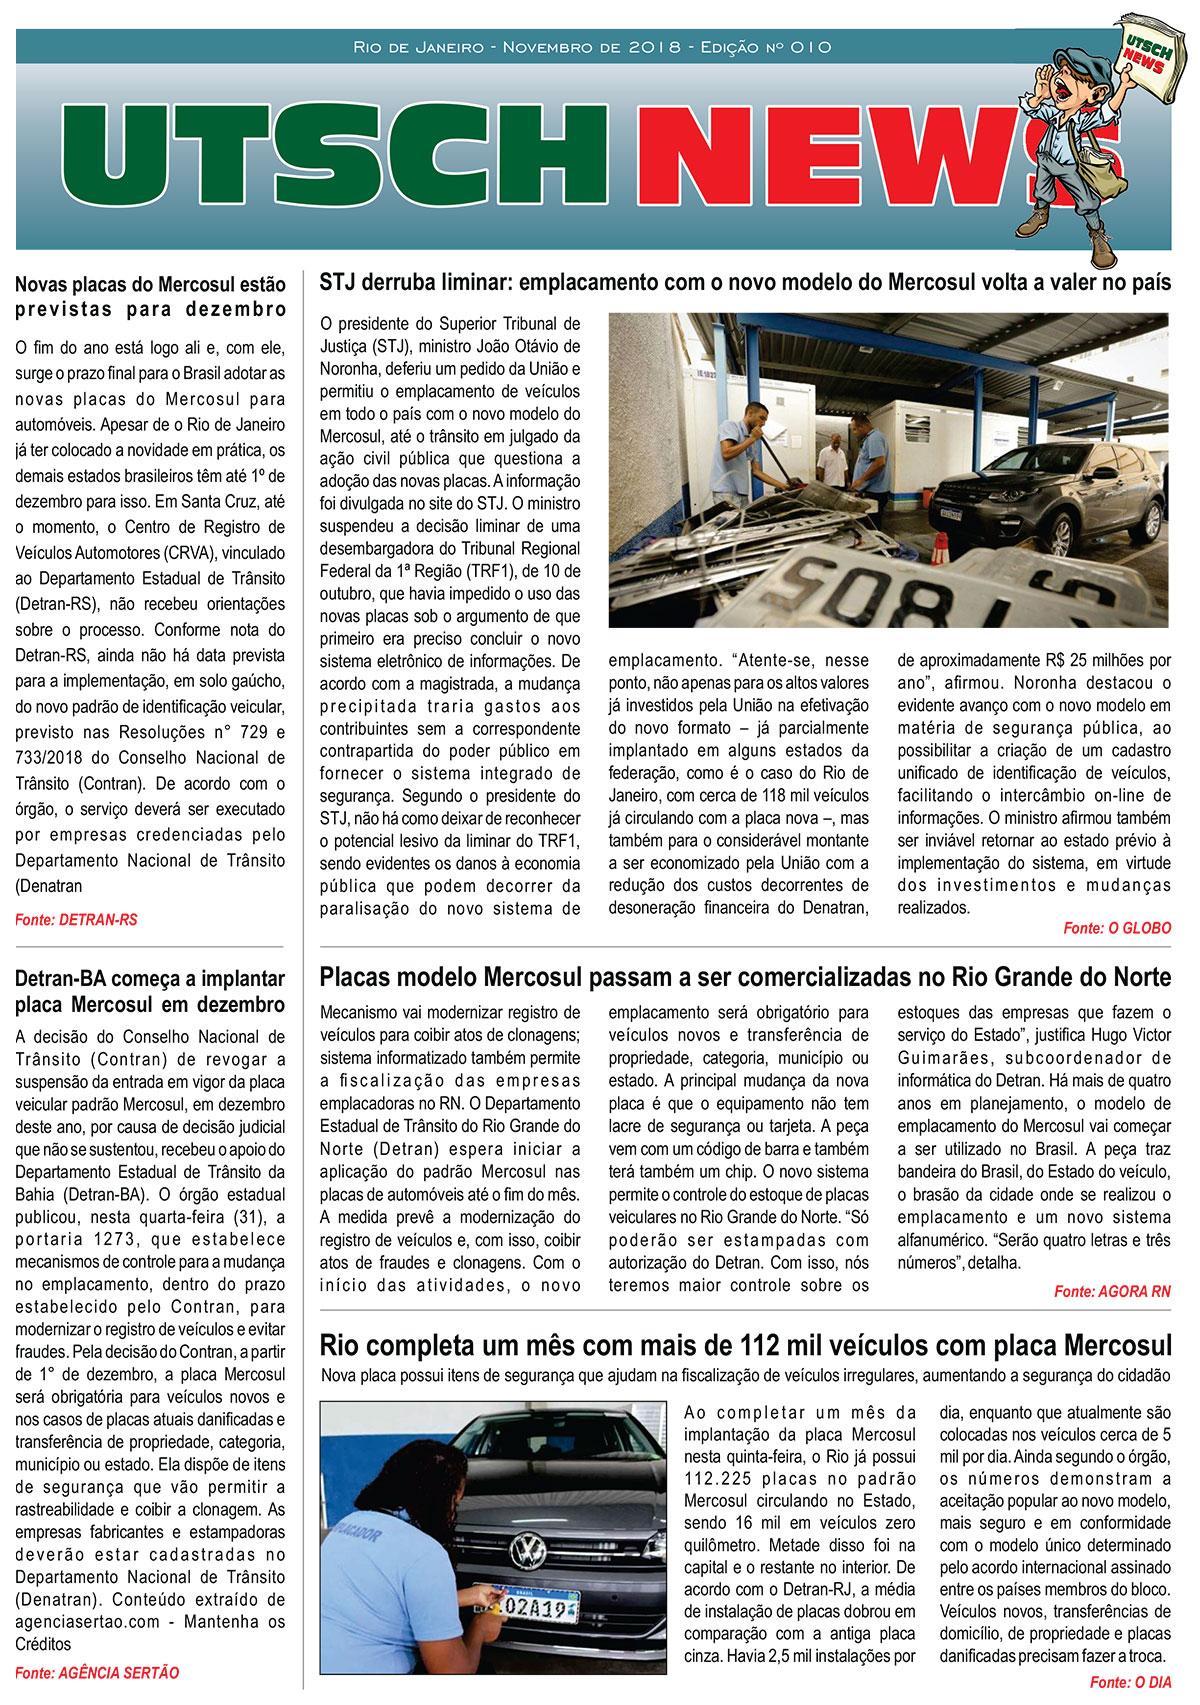 Jornal-UTSCH-BRASIL---edição-010